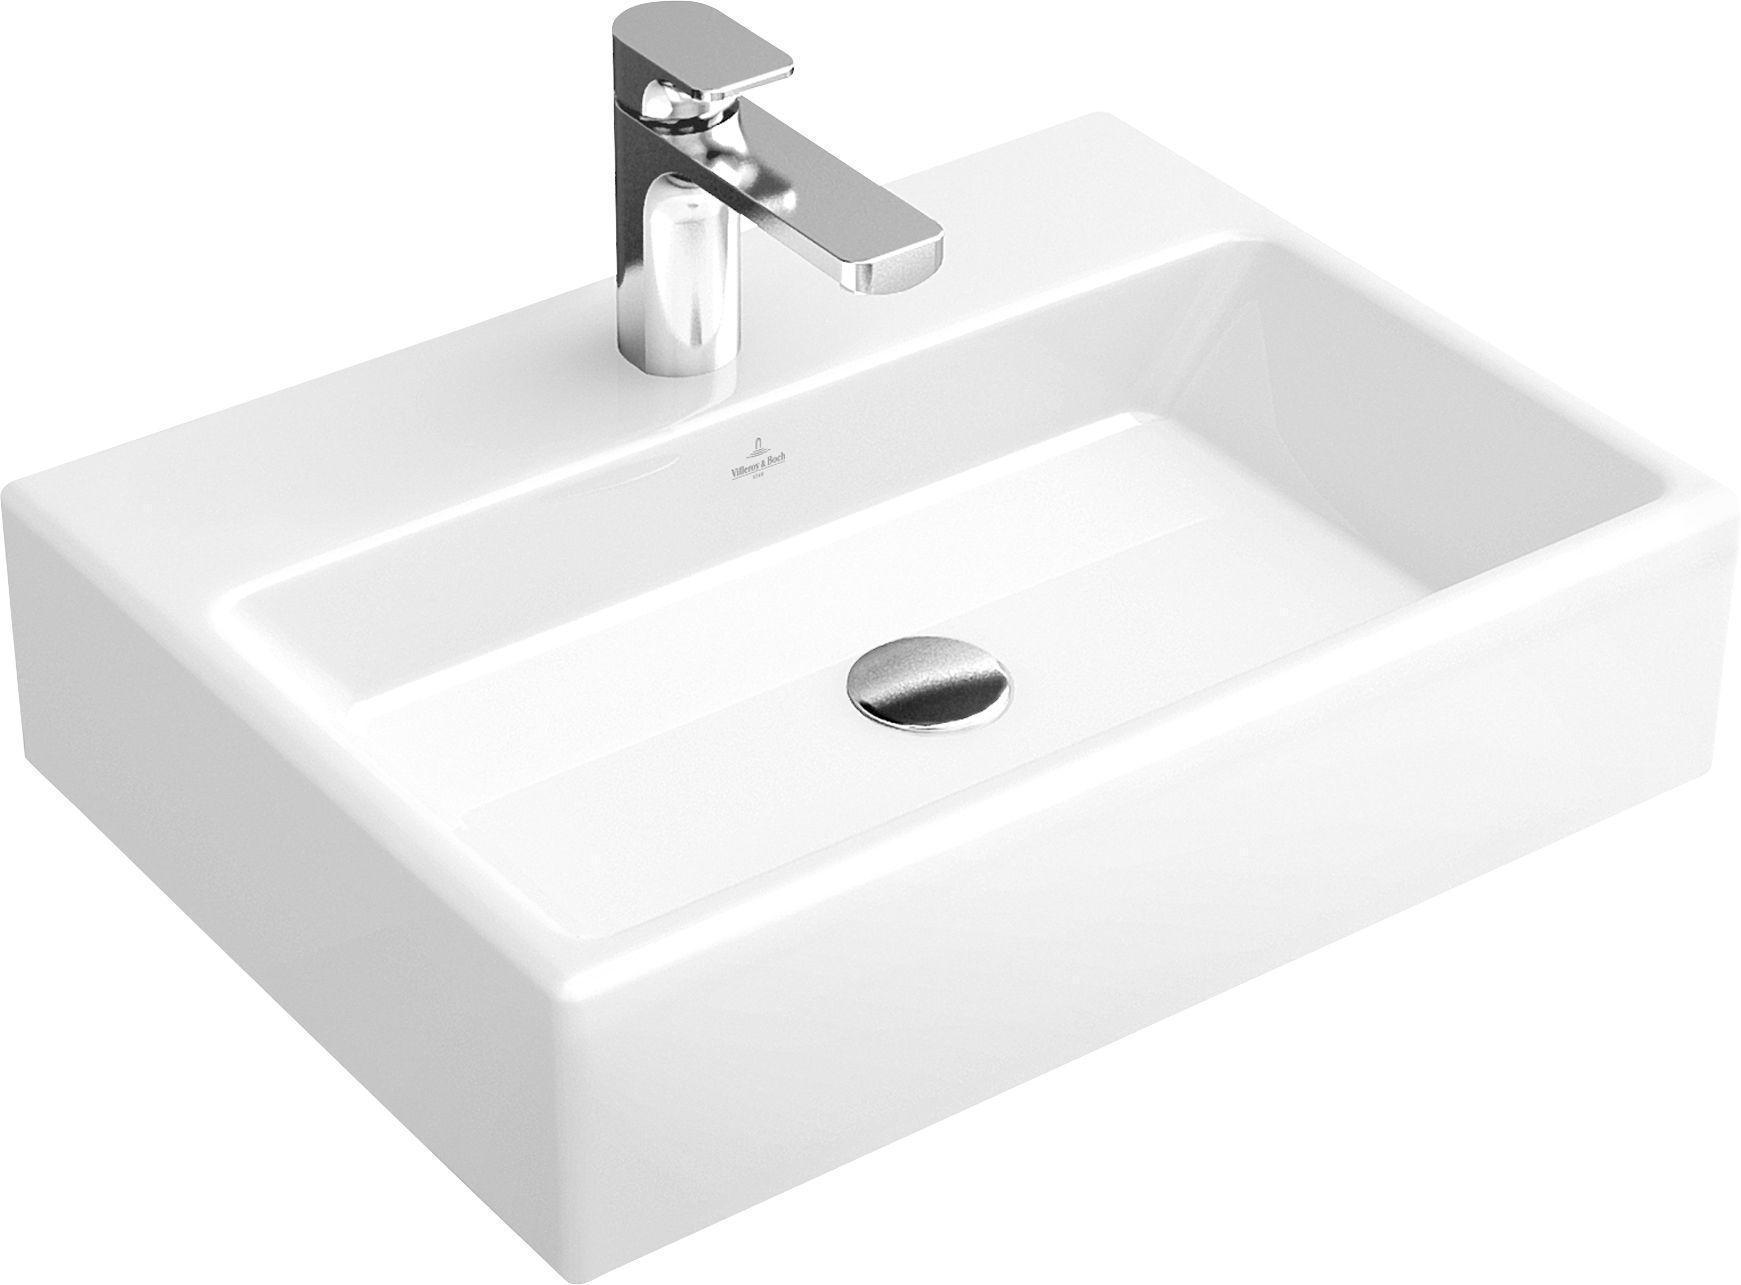 Villeroy & Boch Memento Waschtisch B:60xT:42cm 1 Hahnloch ohne Überlauf weiß mit Ceramicplus 51336GR1